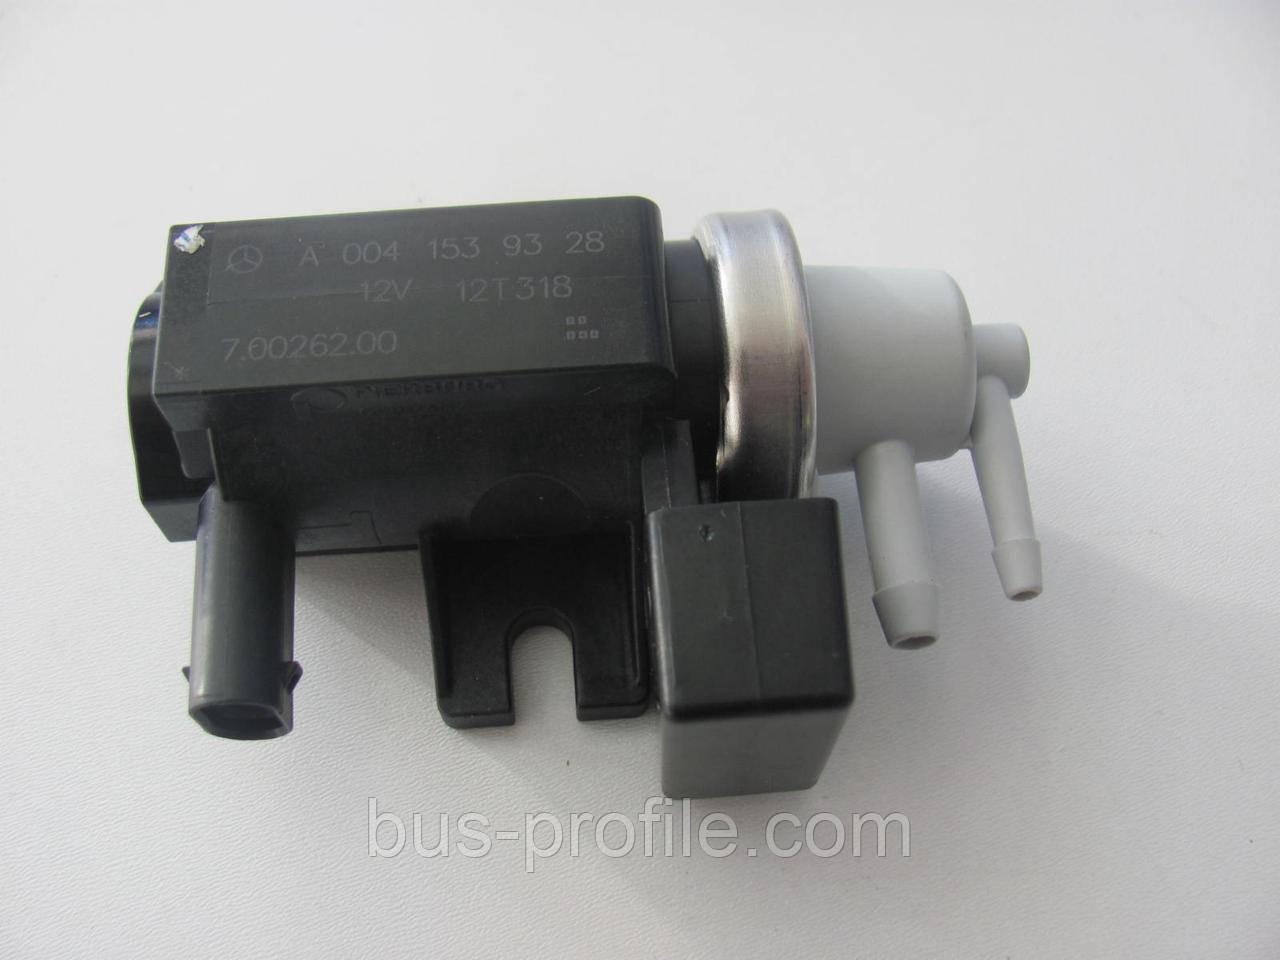 Клапан включения турбины MB Vito 639 2.2CDI — MERCEDES — 0041539328